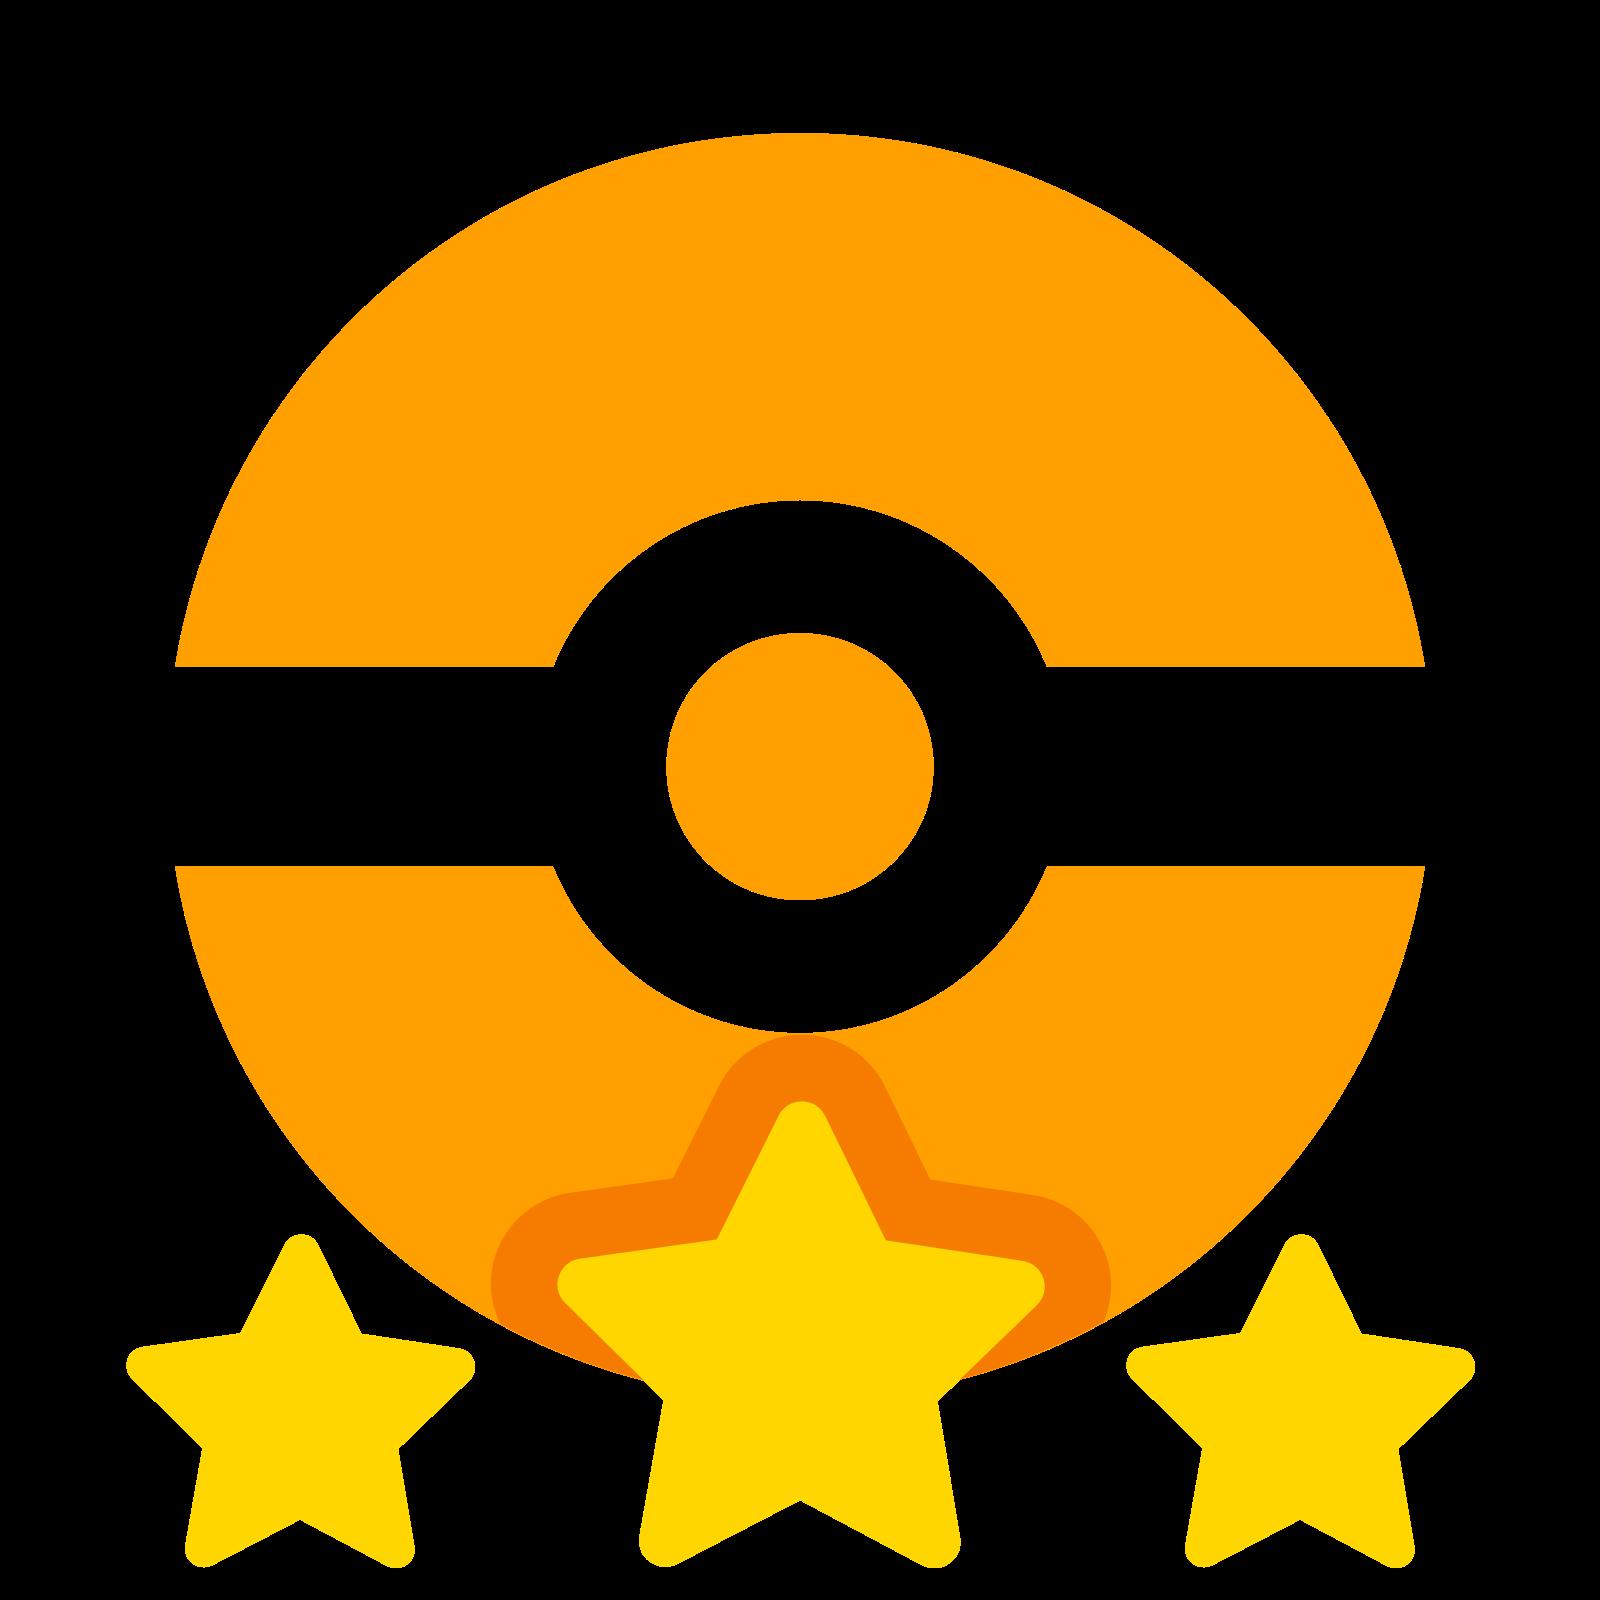 Insignia 3 Stars Icon.